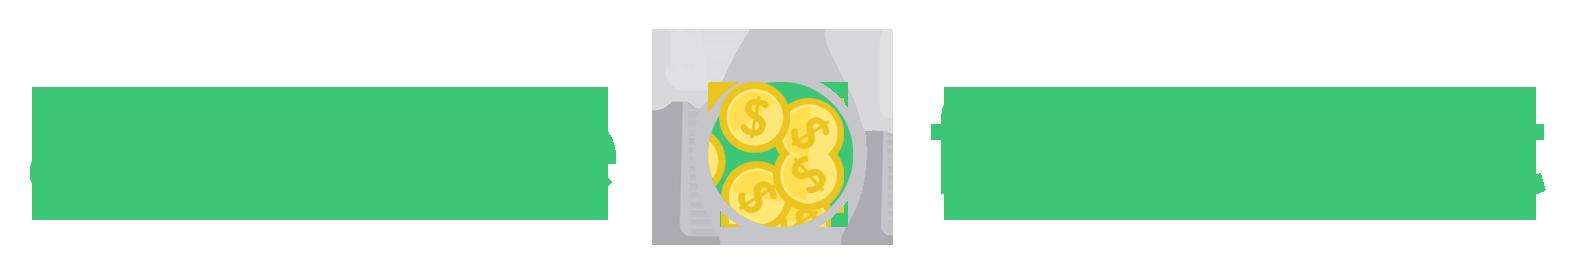 Appetite For Profit